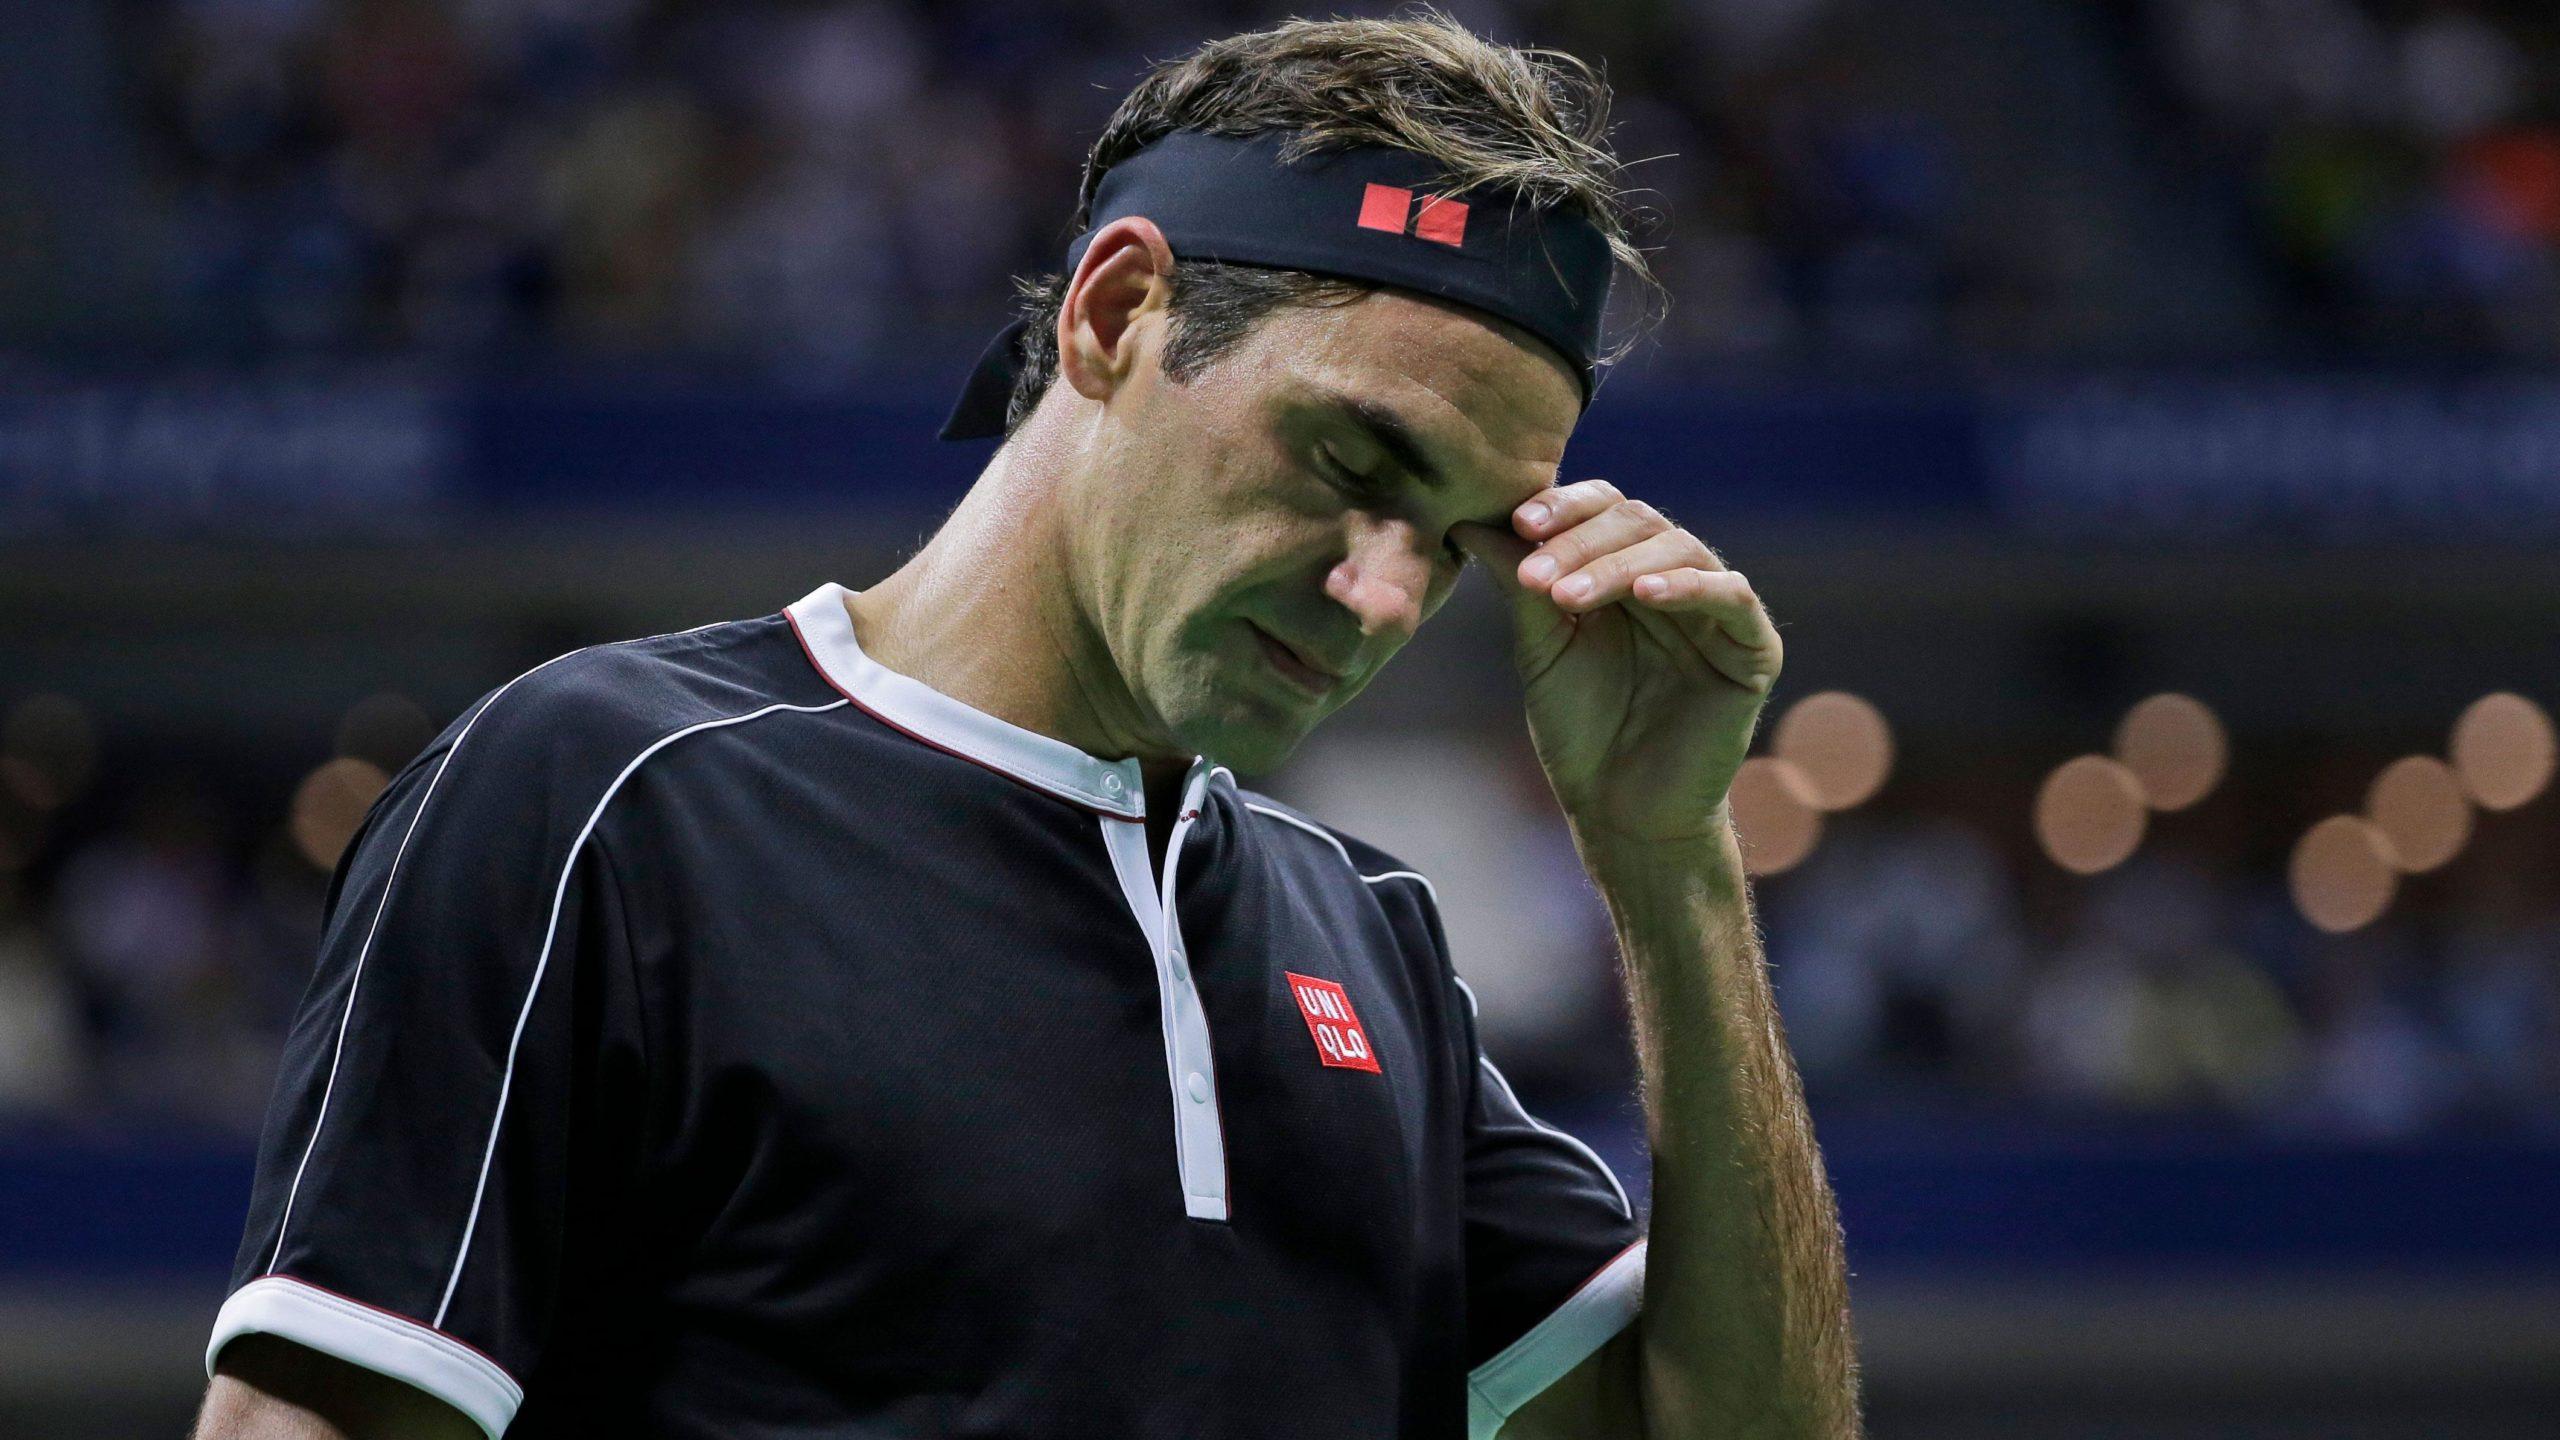 'Quando um jogador perde, ele sempre procura desculpas', diz dirigente sobre Federer